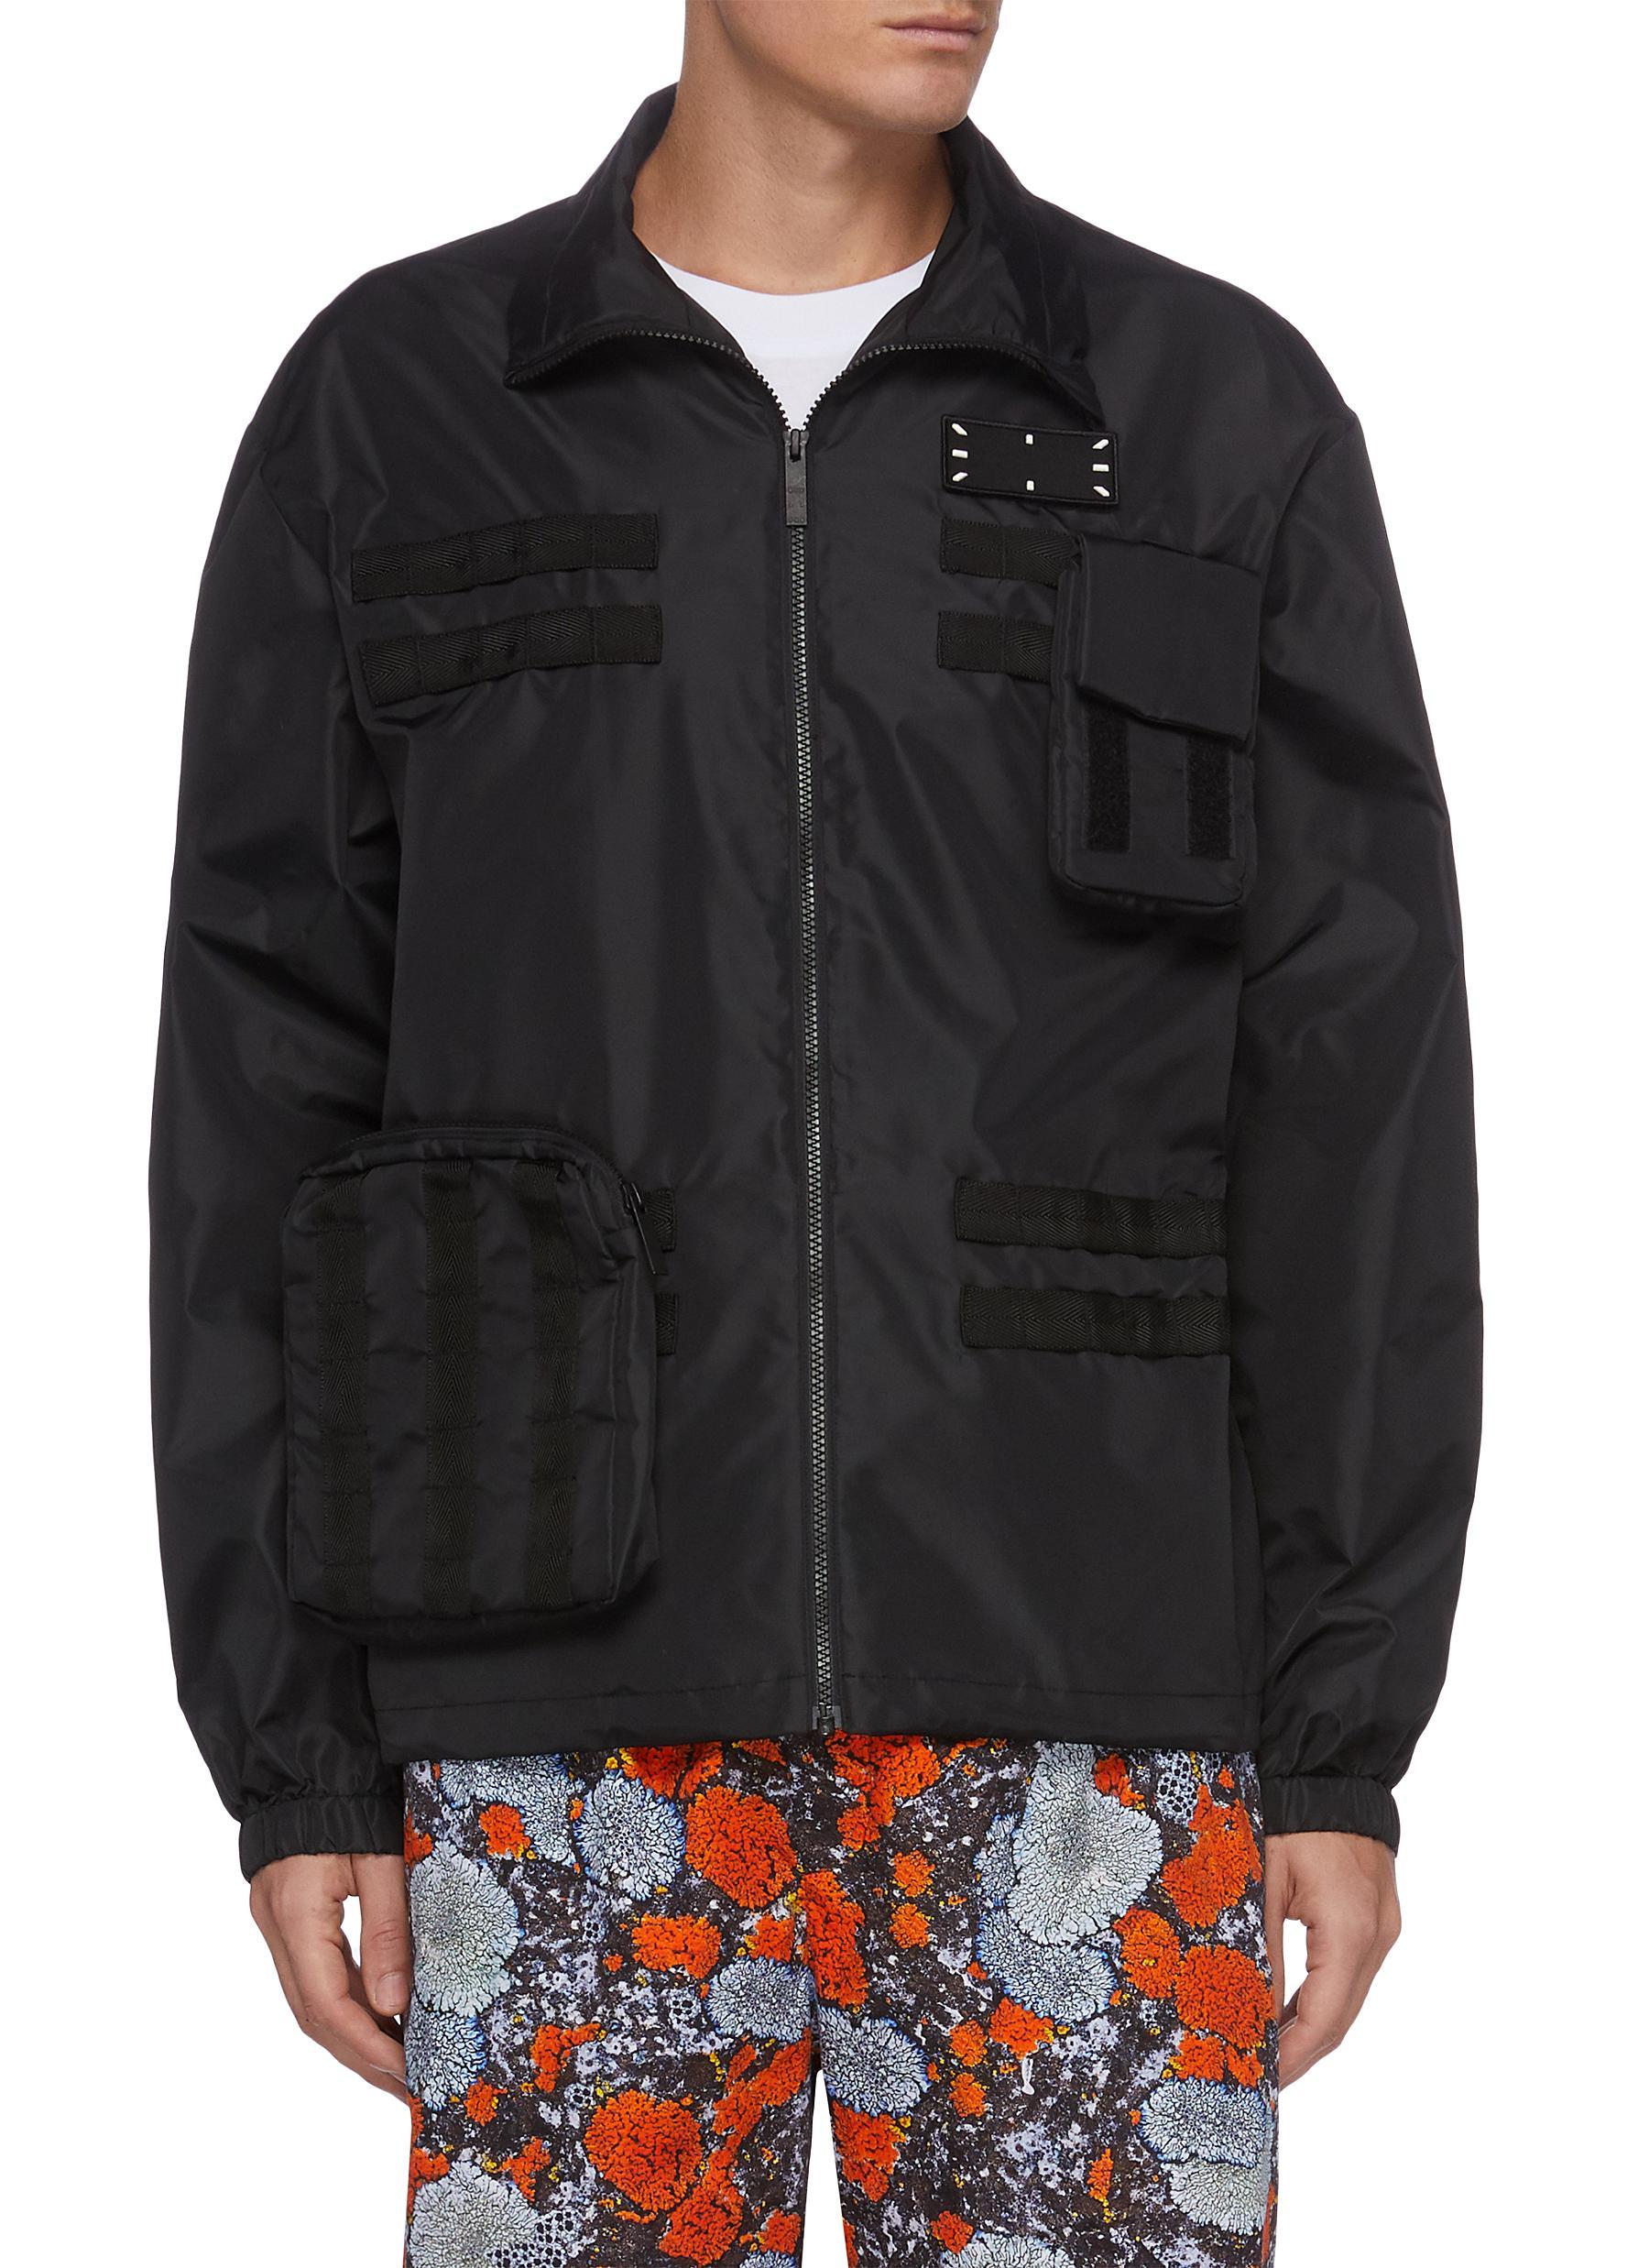 Core stitch modular track jacket